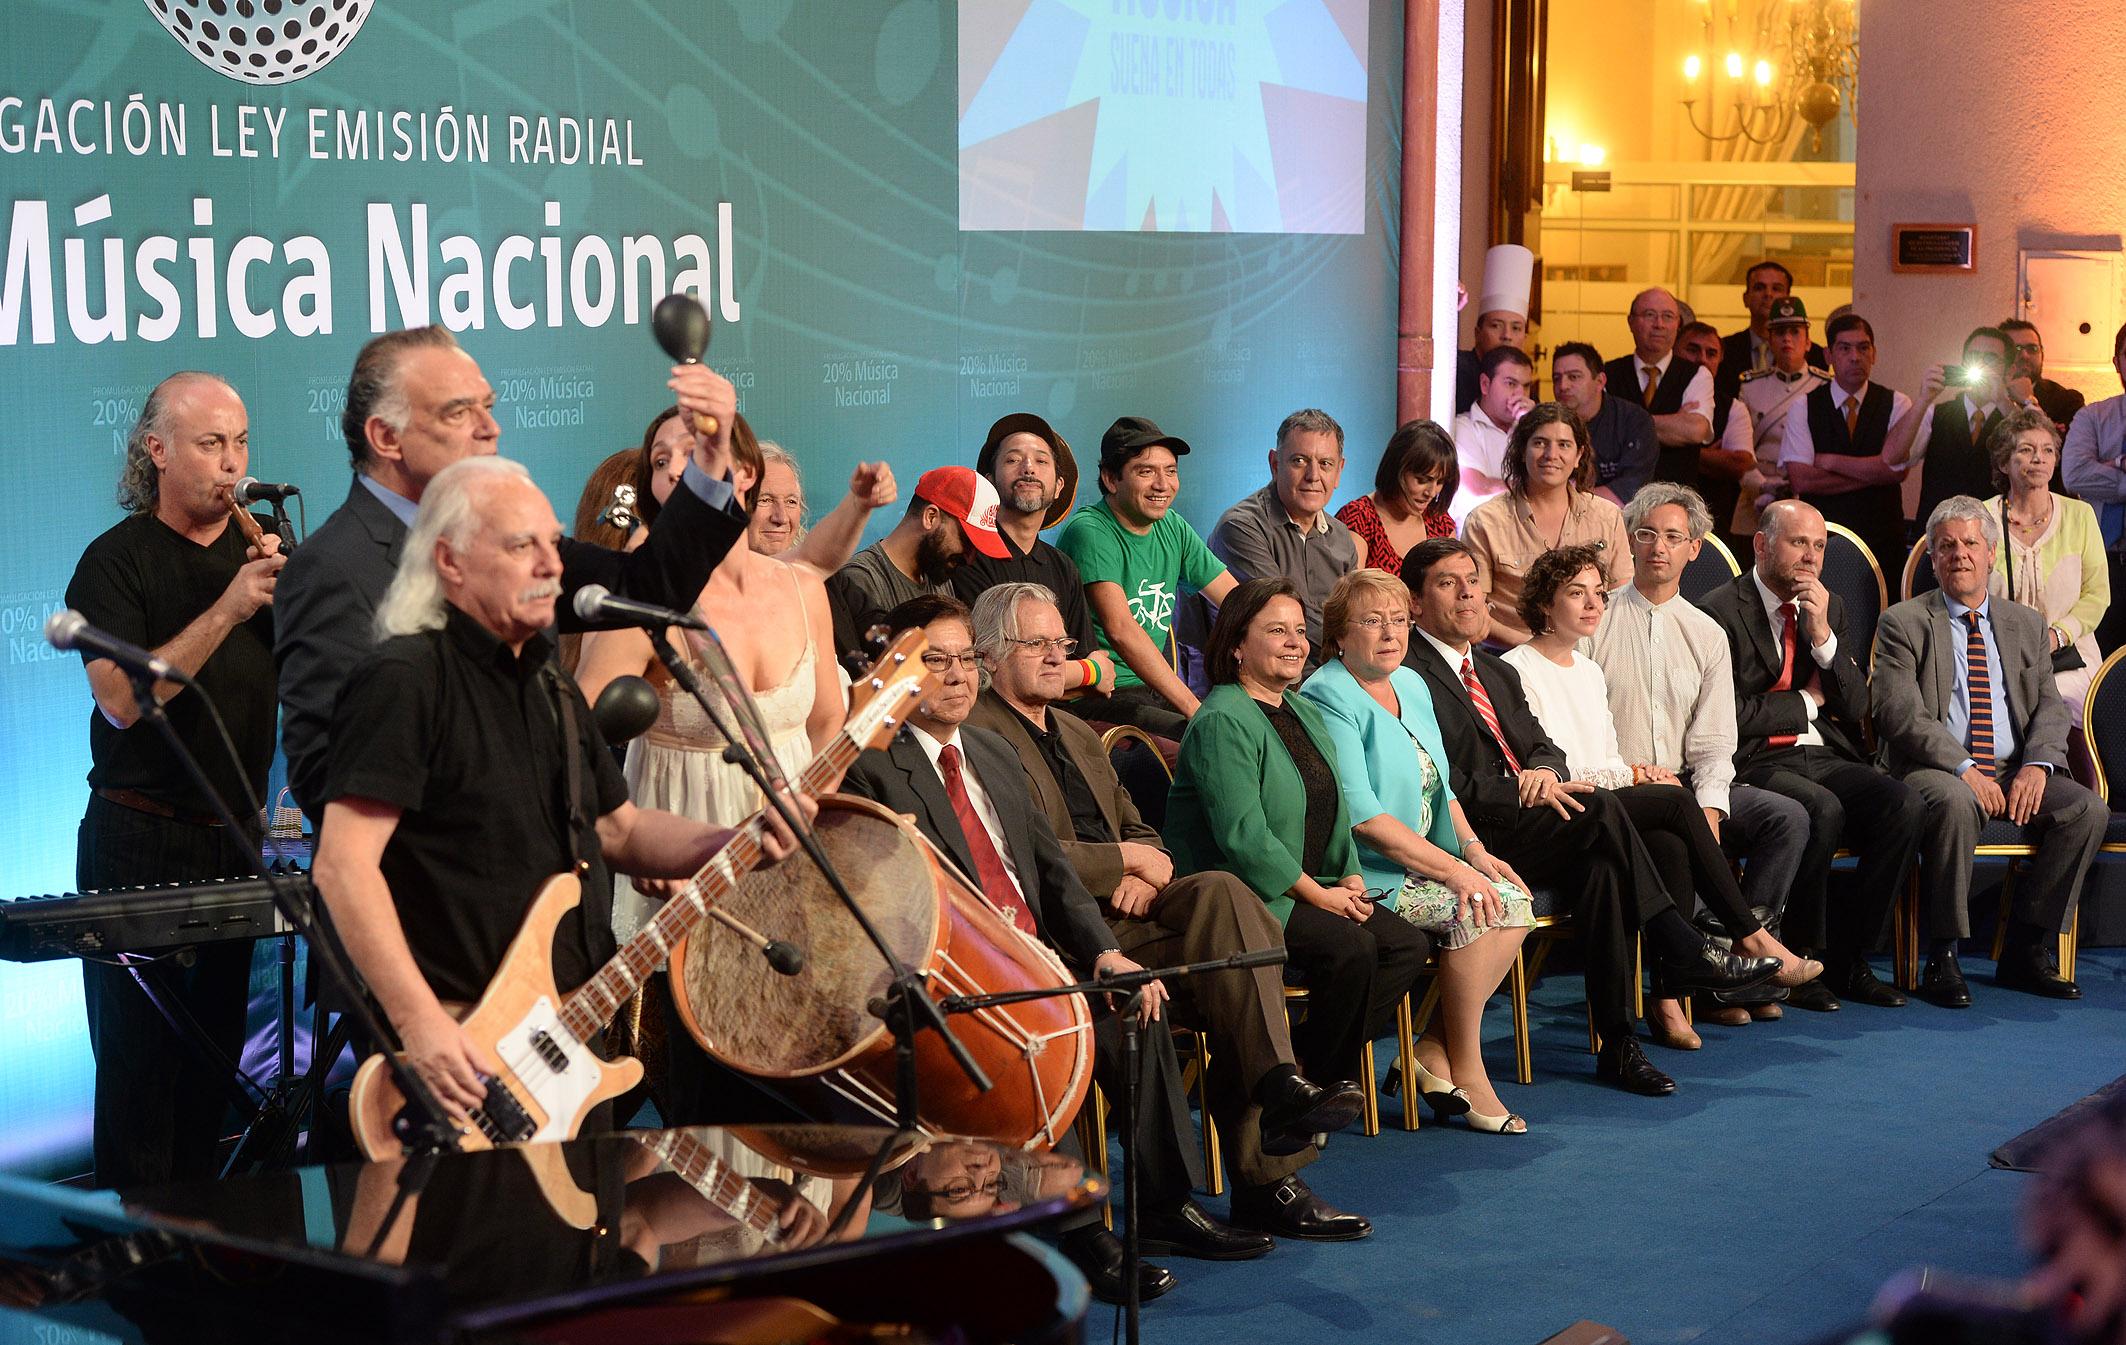 Los Jaivas, durante la ceremonia de promulgación de la Ley de Emisión Radial del 20 por ciento de Música Nacional (2015).